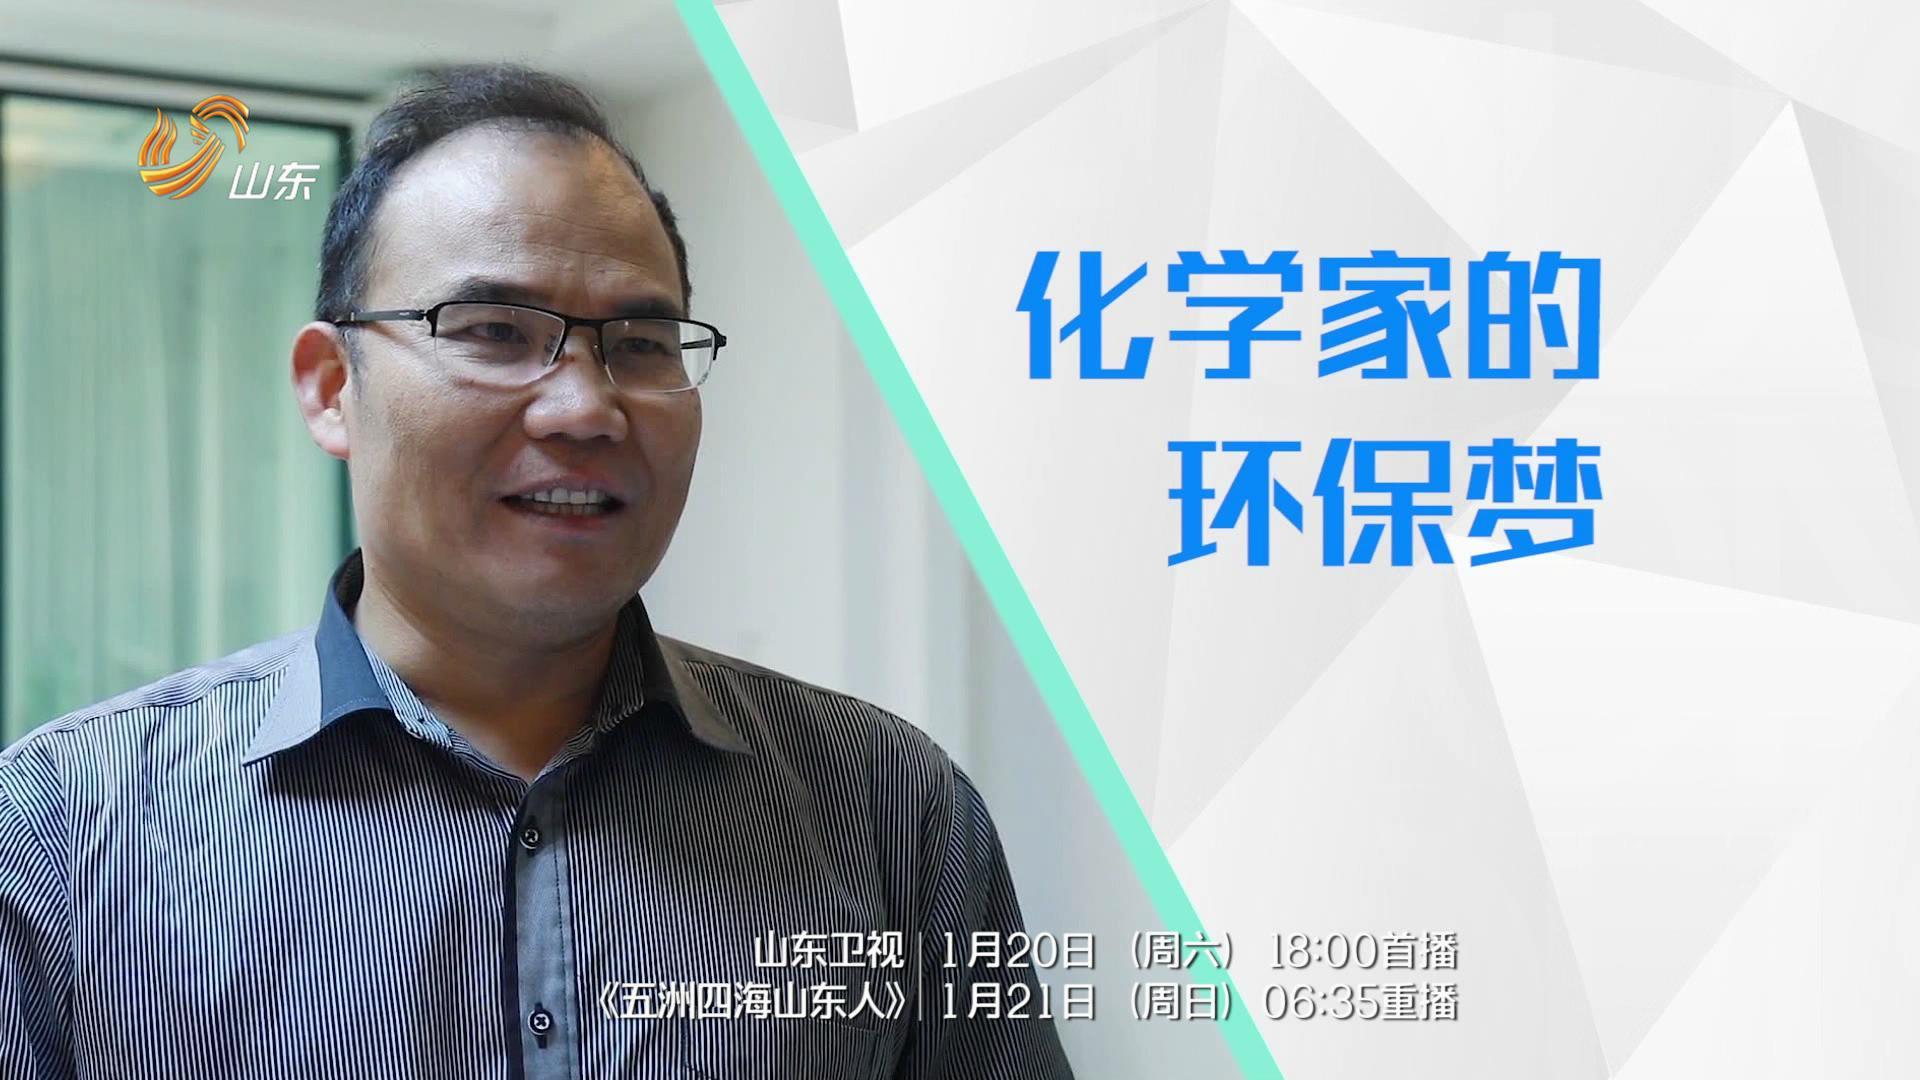 朱锦:化学家的环保梦